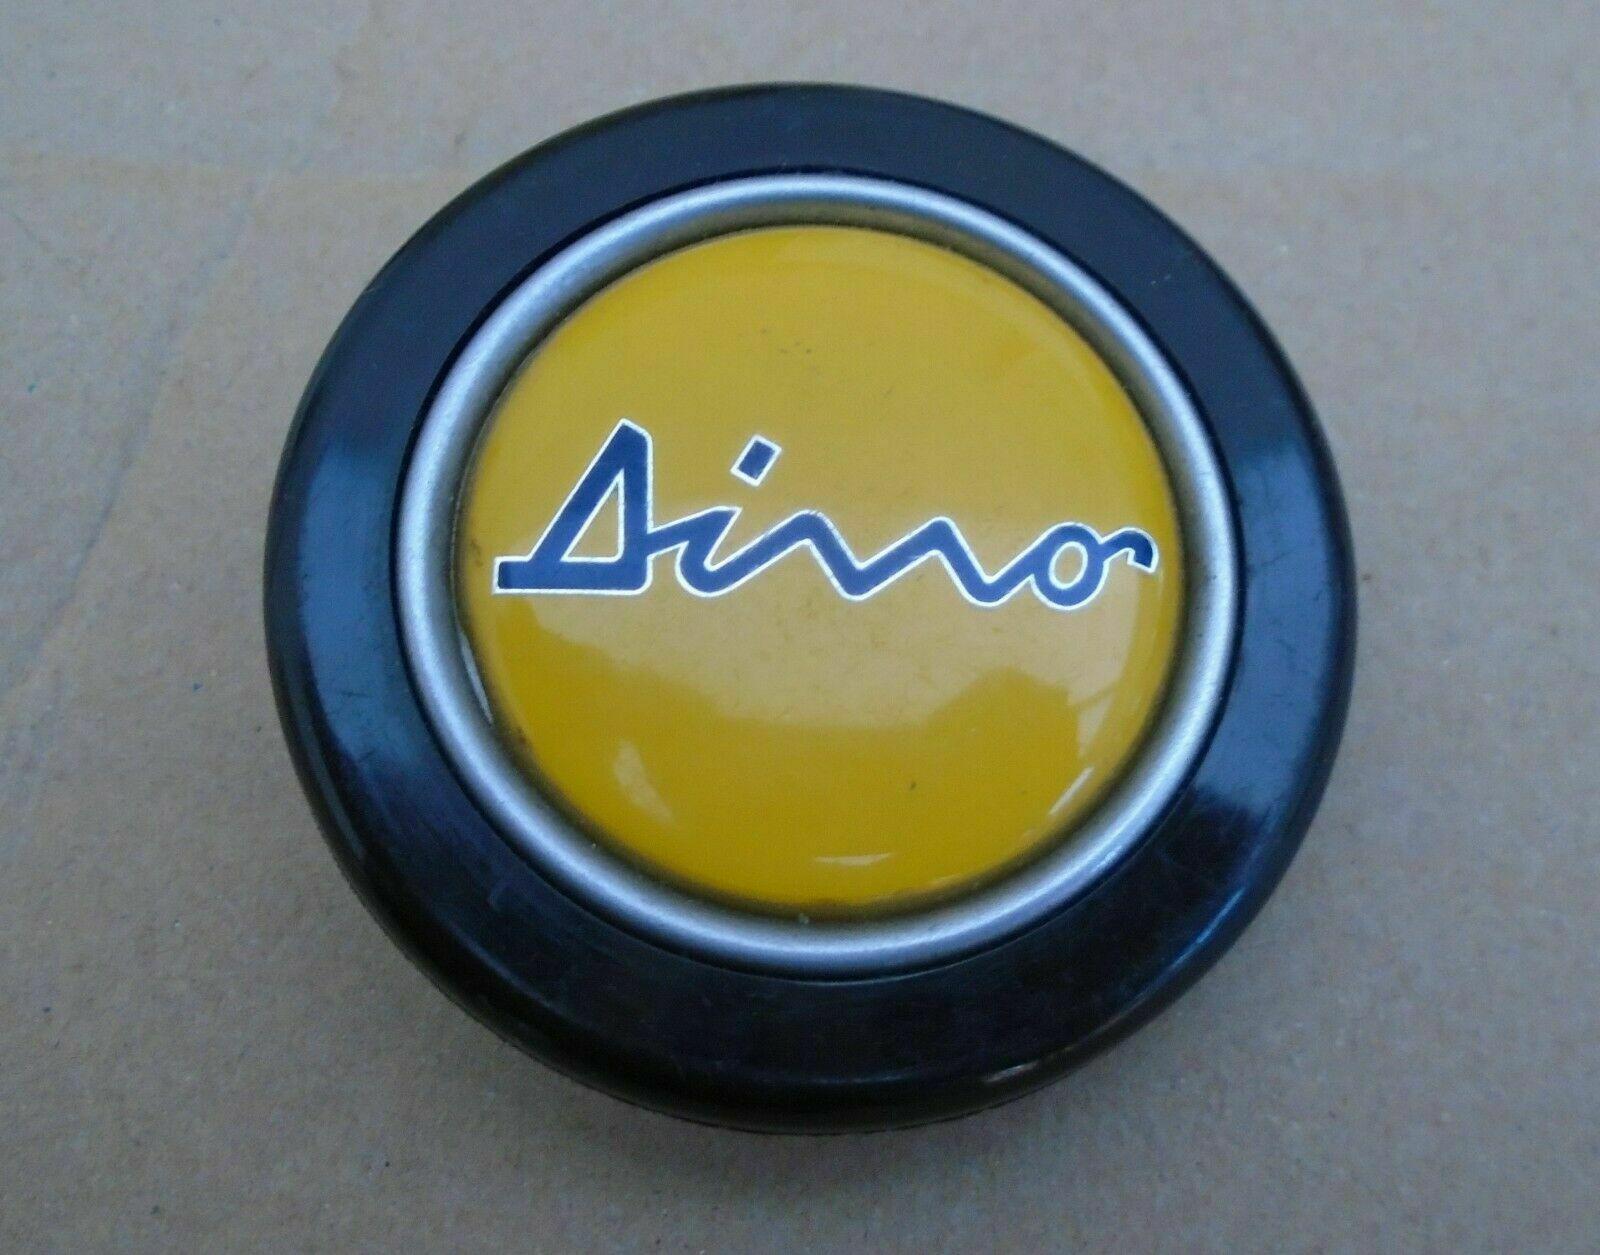 Dinoのオリジナルホーンボタン_a0129711_10243834.jpg